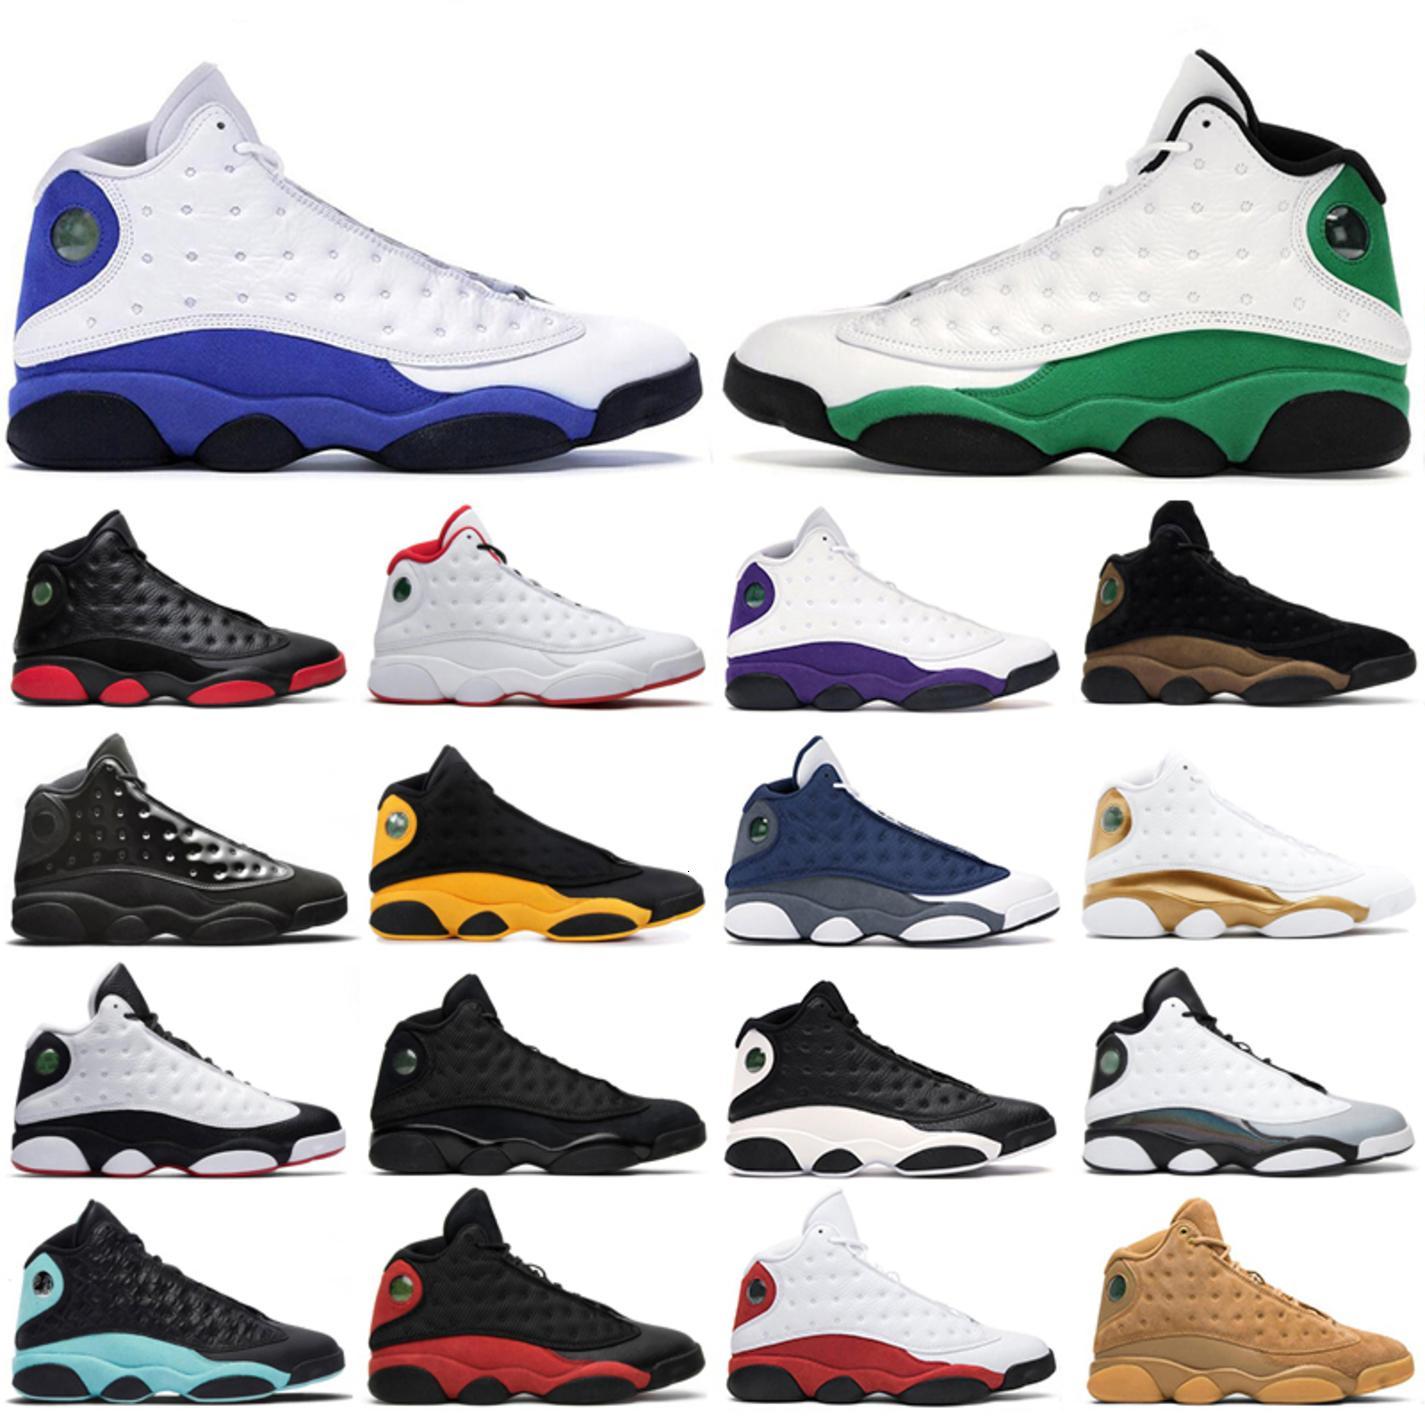 Новые мужские баскетбольные туфли 13s jumpman 13 Lucky Green Flint Hyper Royal Chicago Alture Court Court Court Purple пшеничная площадка Мужчины спортивные кроссовки